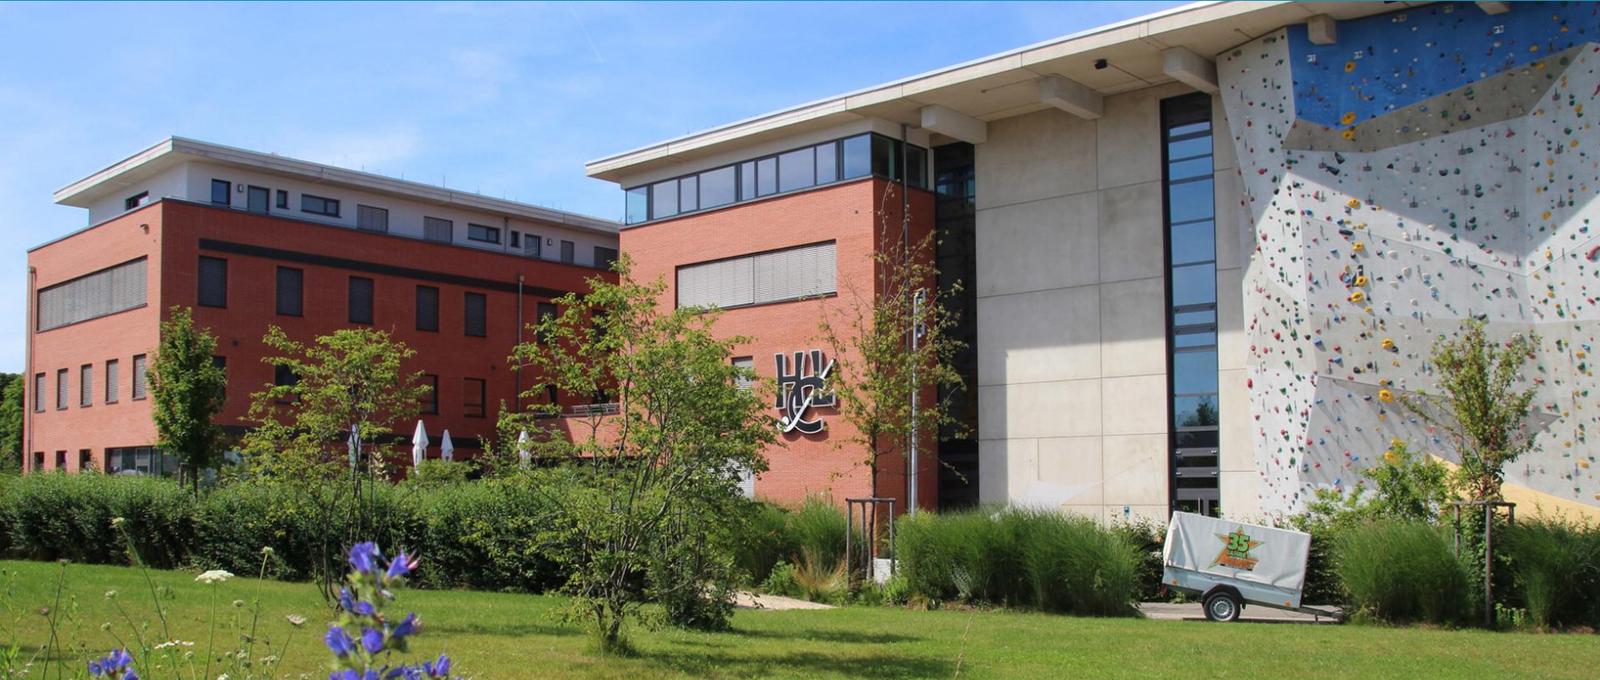 Stiftung zur Unterstützung des Hockeysports in Ludwigsburg, Aussenansicht Sportzentrum Ost